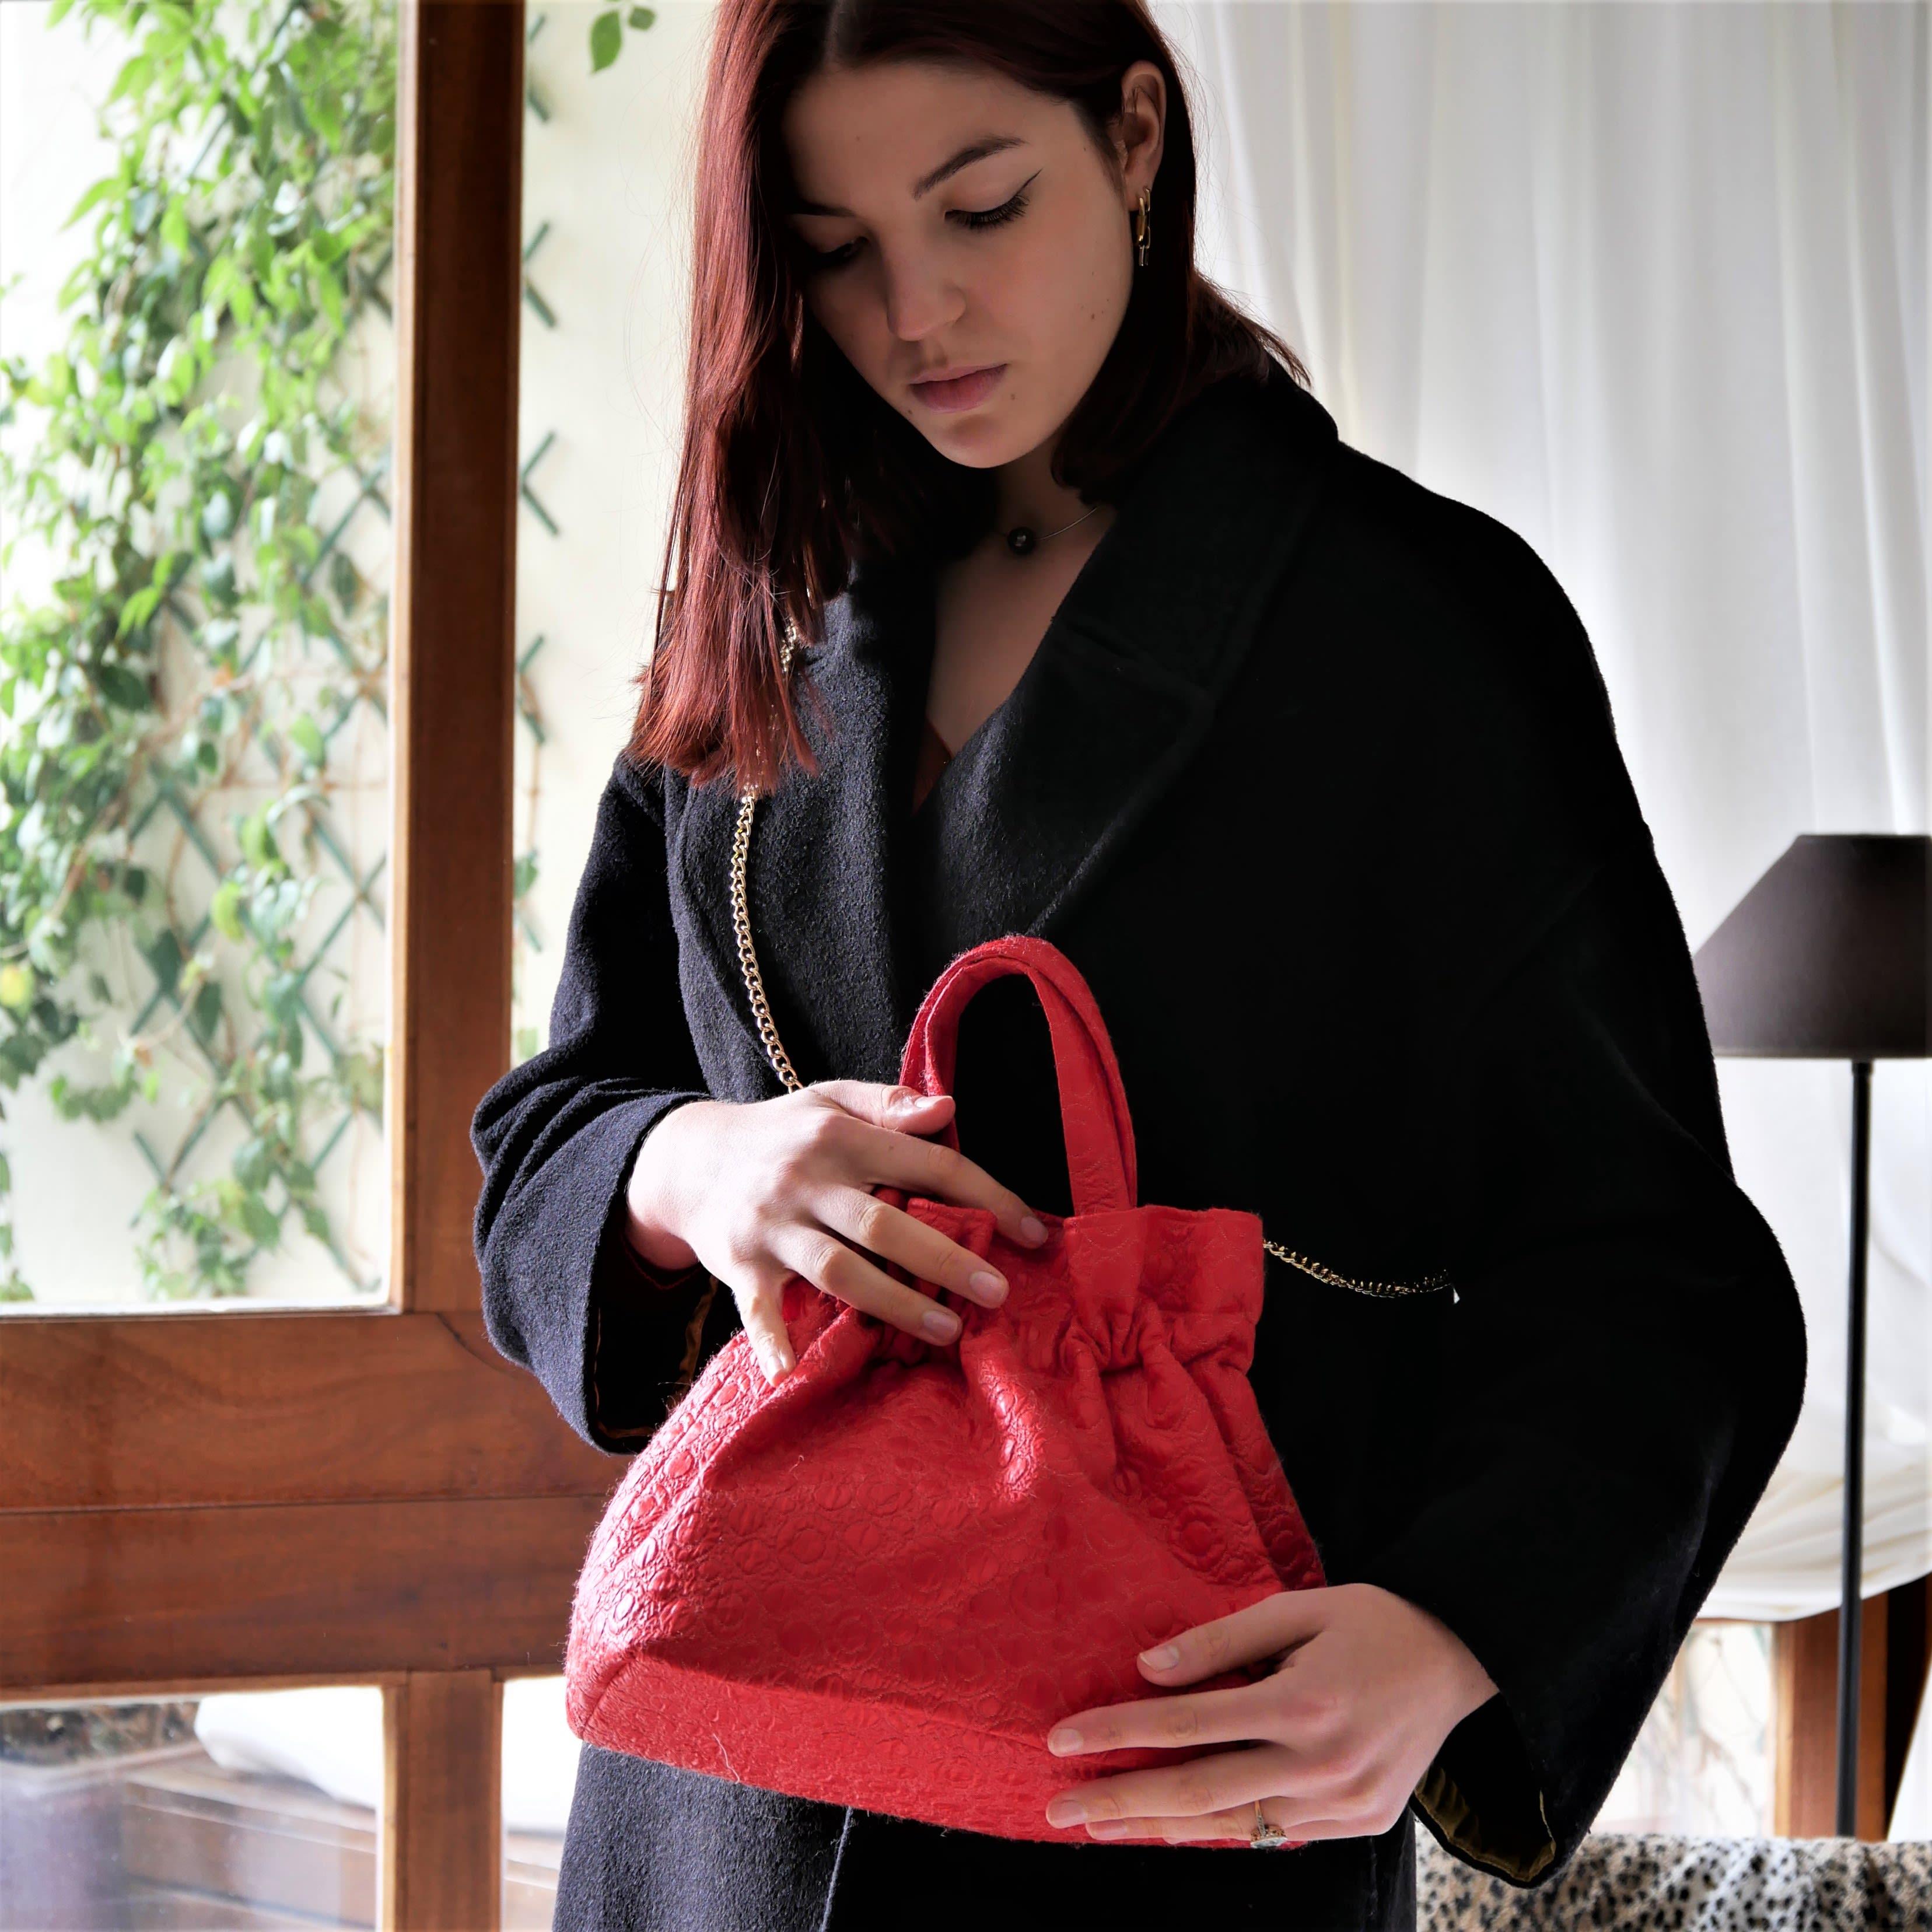 Petit sac à main avec chaîne amovible en tissu vintage style années 50. Sac à main rouge lavable, fait main